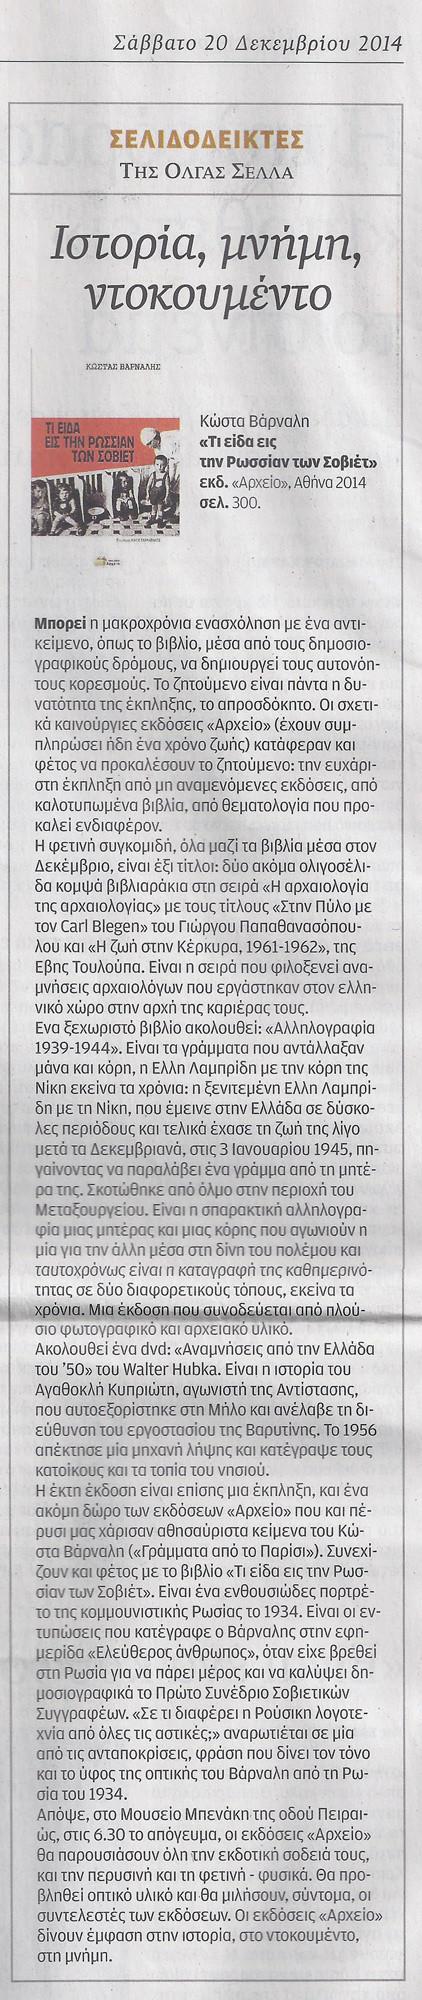 Εκδόσεις Αρχείο, Καθημερινή 20/12/2014